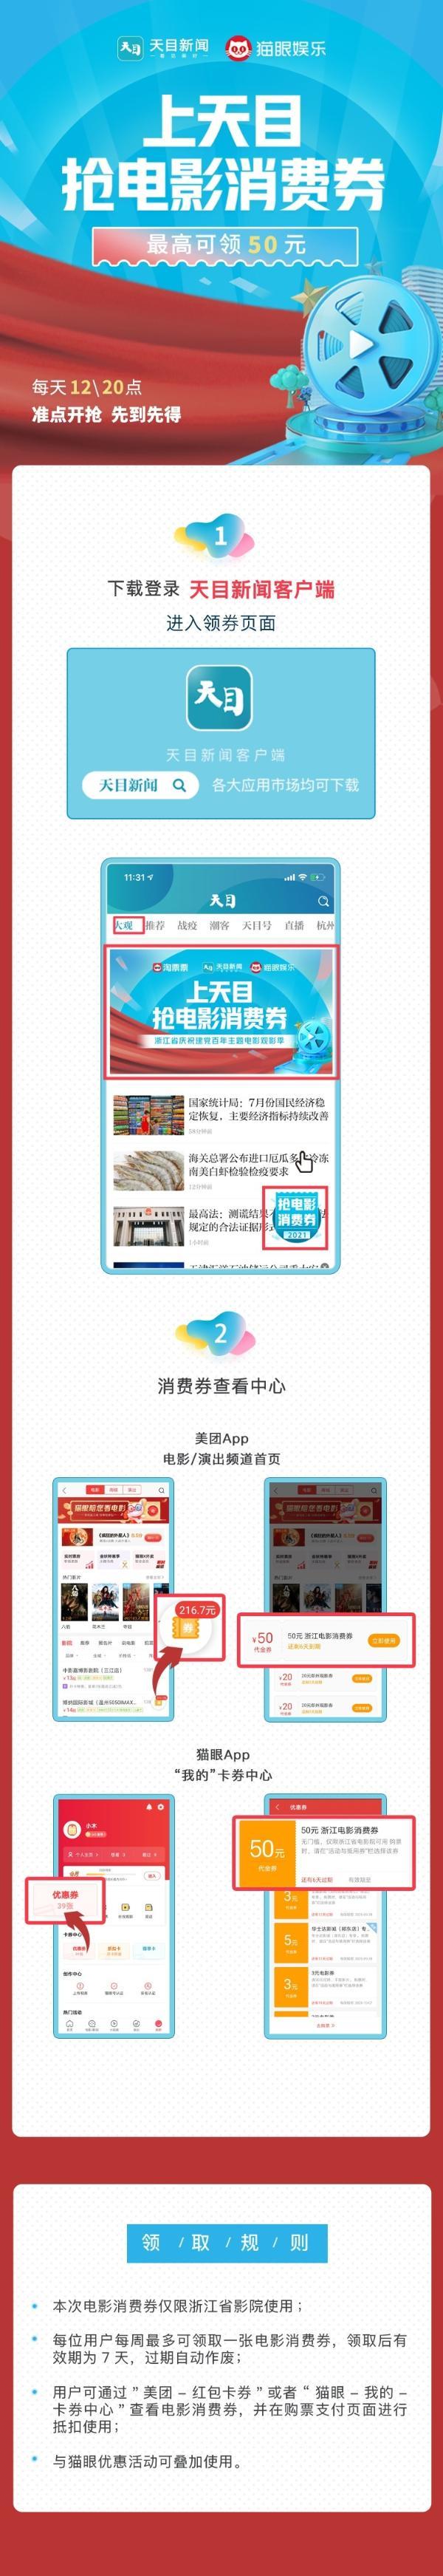 浙江省发放1000万元电影消费券,回馈广大影迷